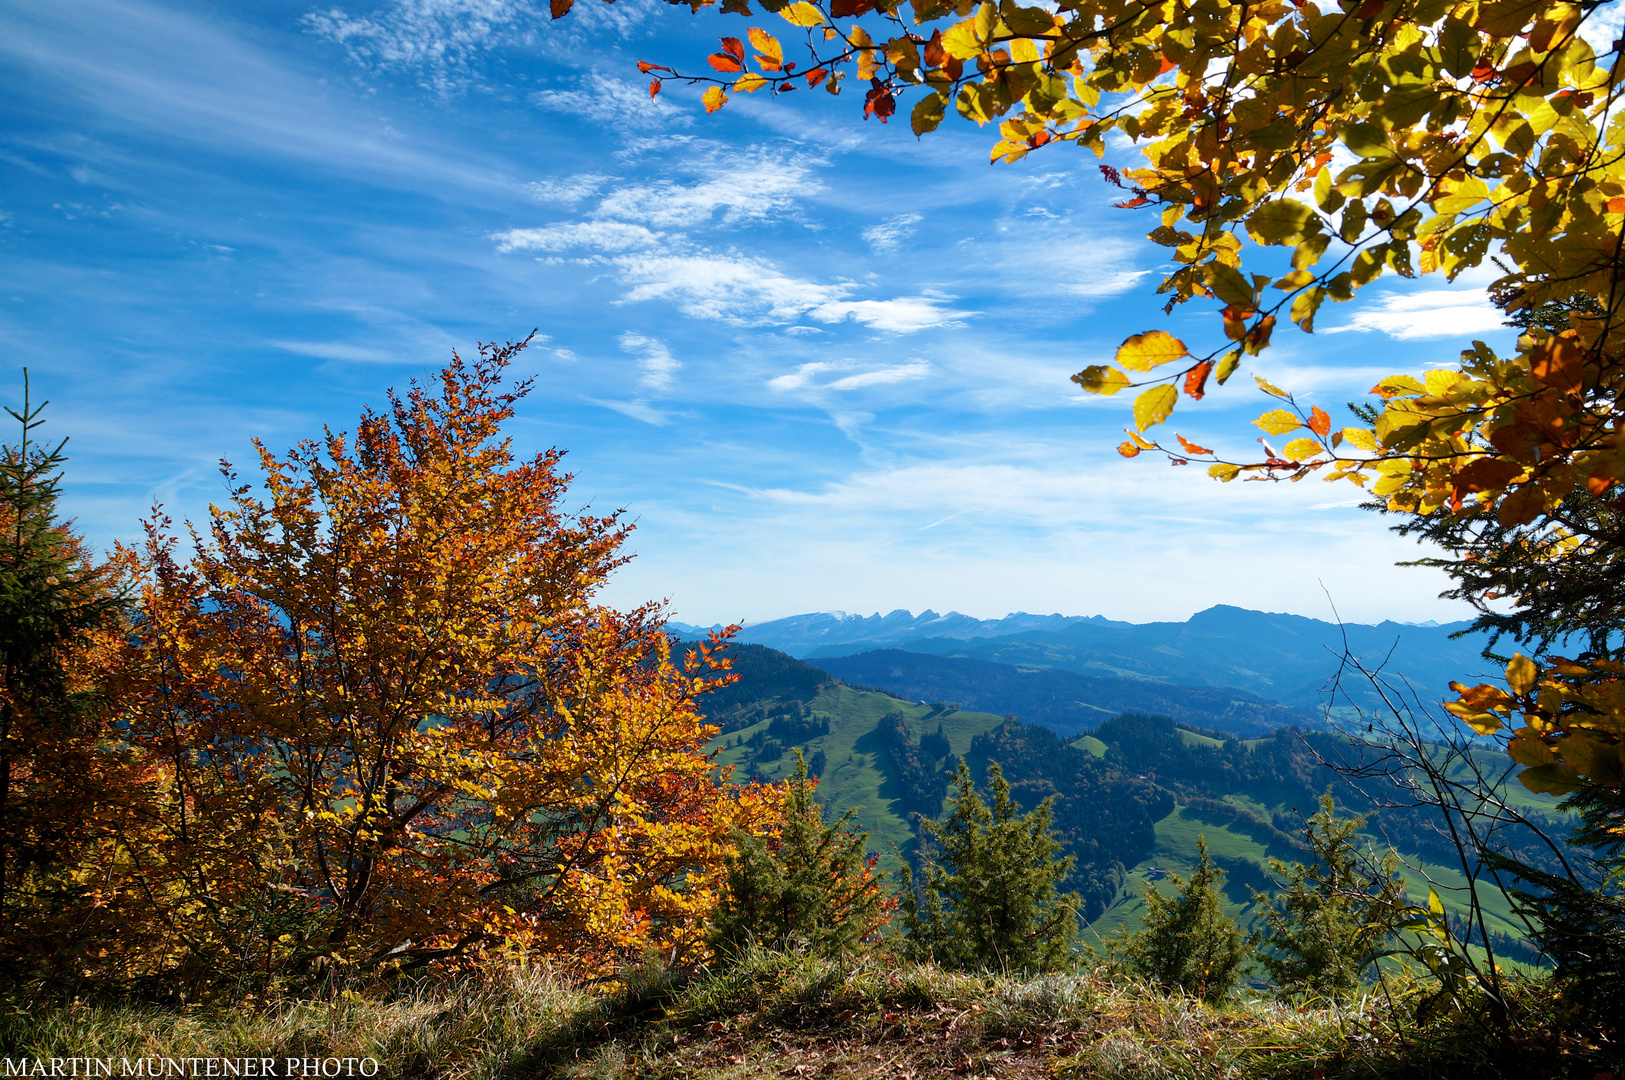 Herbststimmung Zürcher Oberland